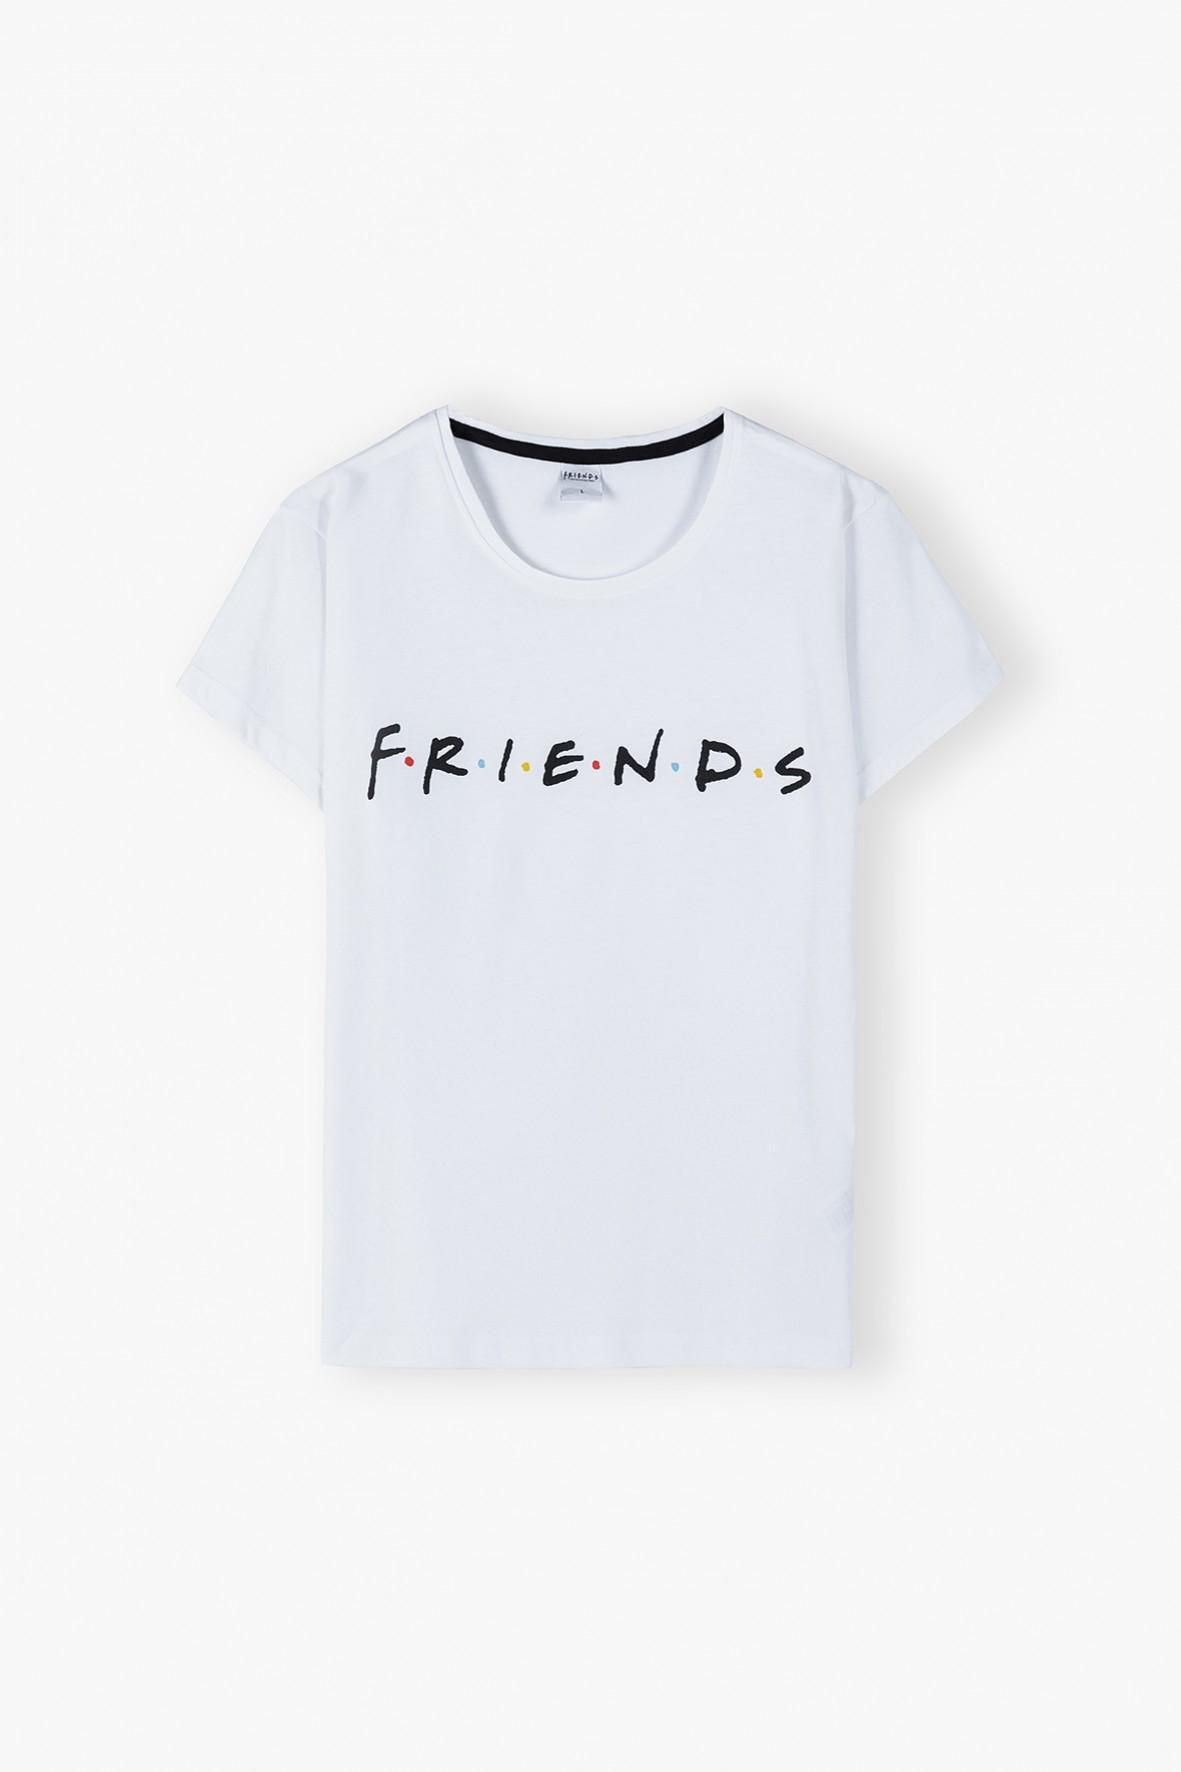 Bawełna t-shirt damski Friends - bały